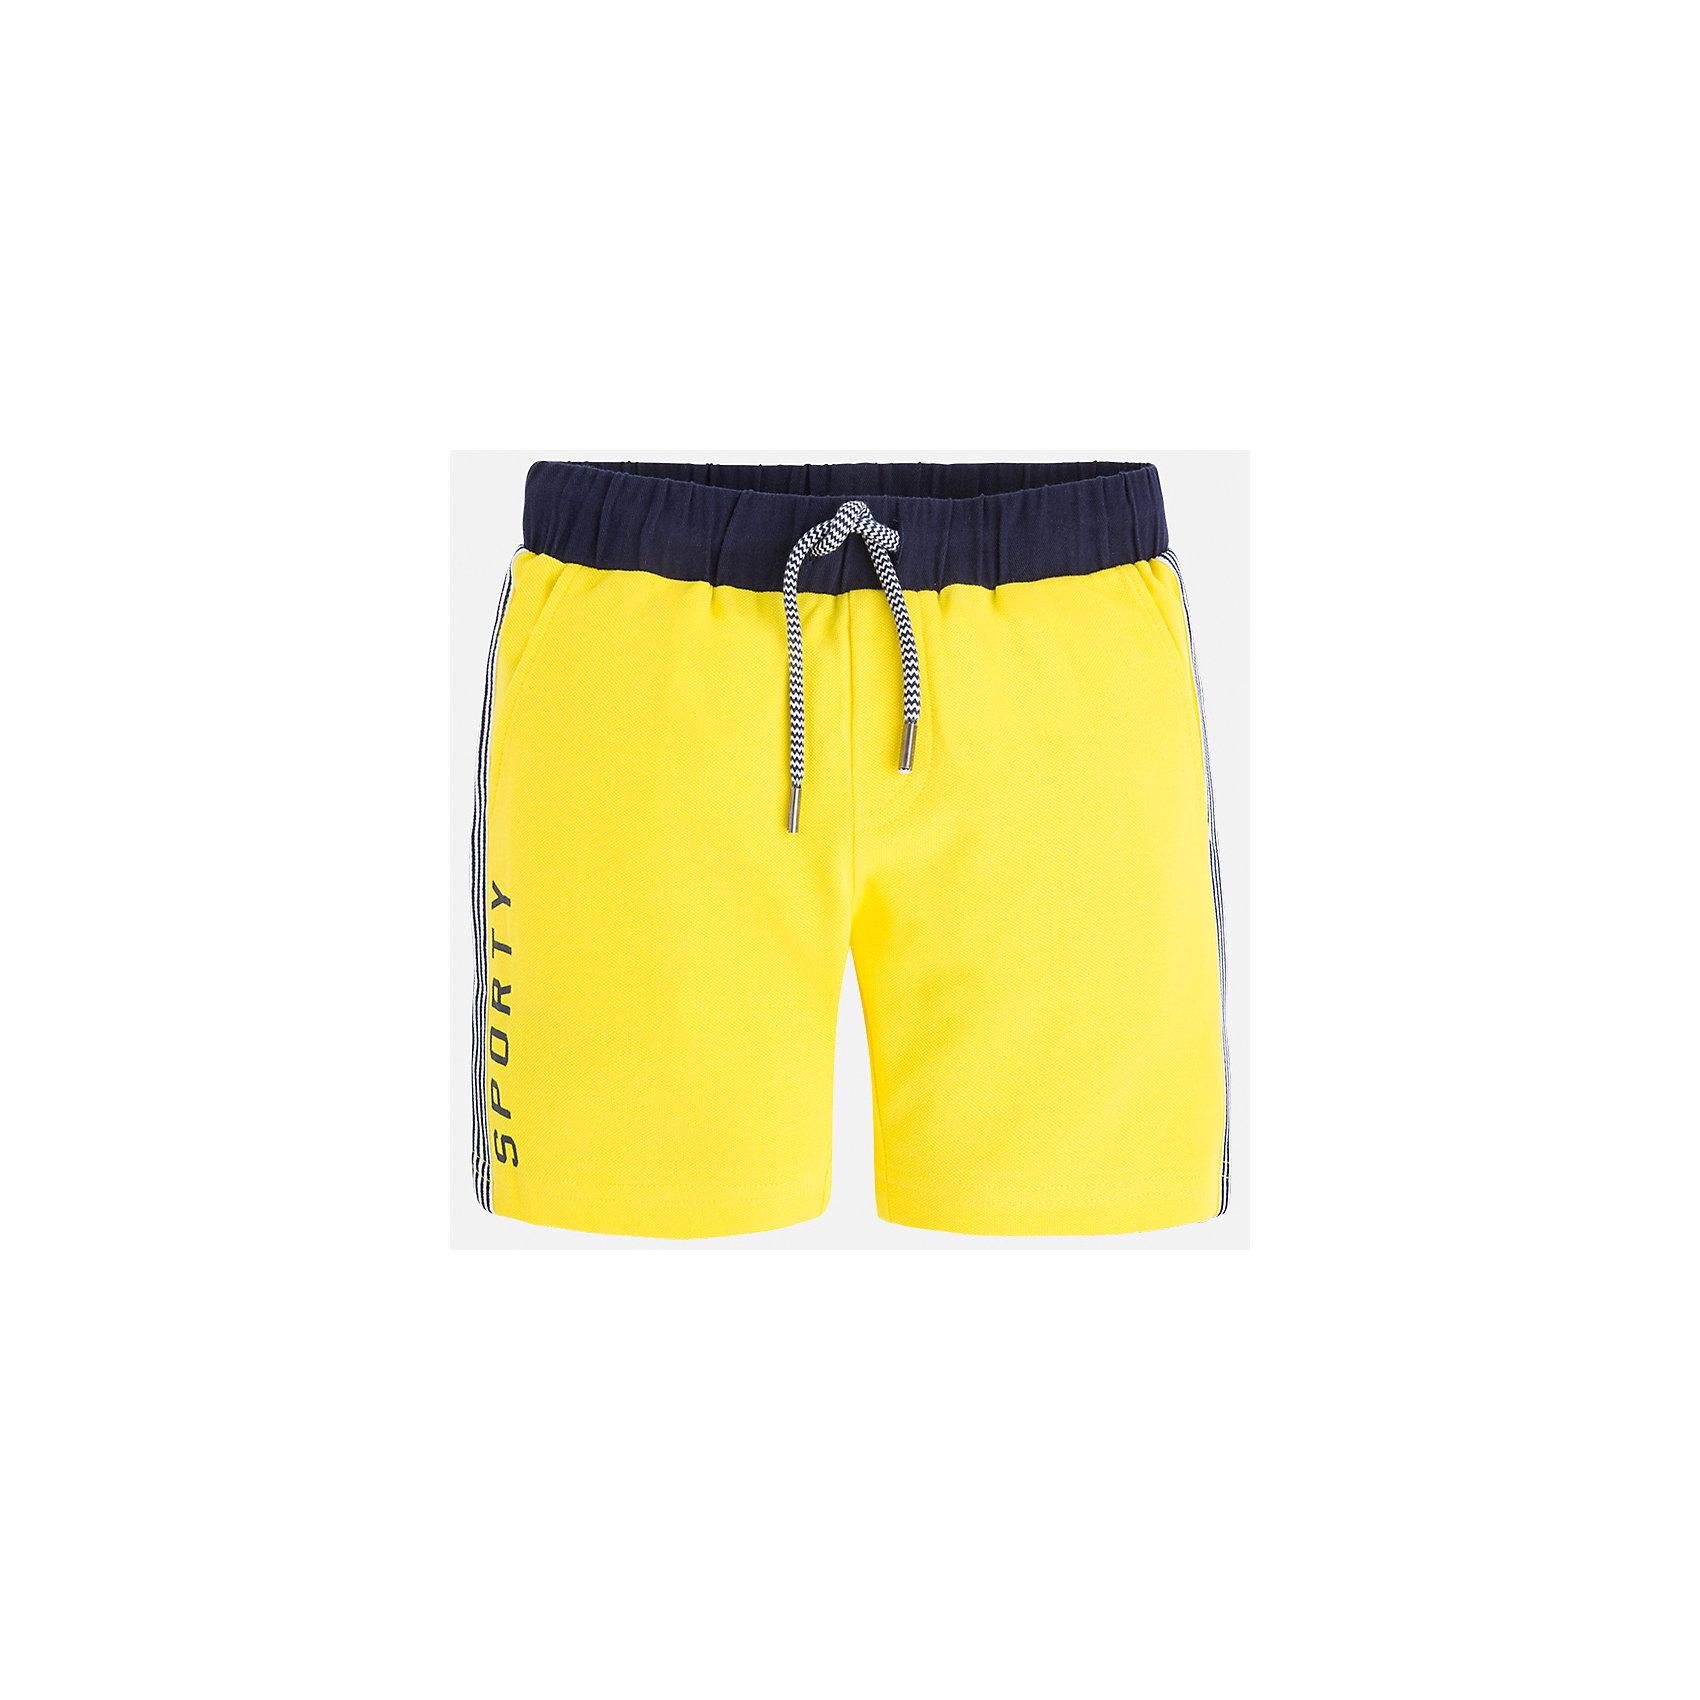 Бриджи для мальчика MayoralШорты, бриджи, капри<br>Характеристики товара:<br><br>• цвет: желтый<br>• состав: 95% хлопок, 5% эластан<br>• средняя длина<br>• принт<br>• пояс - резинка со шнурком<br>• мягкий материал<br>• страна бренда: Испания<br><br>Спортивные бриджи для мальчика помогут обеспечить ребенку комфорт. Они отлично сочетаются с майками, футболками, курточками в спортивном стиле. Универсальный крой и цвет позволяет подобрать к вещи верх разных расцветок. Практичное и стильное изделие! В составе материала - натуральный хлопок, гипоаллергенный, приятный на ощупь, дышащий.<br><br>Одежда, обувь и аксессуары от испанского бренда Mayoral полюбились детям и взрослым по всему миру. Модели этой марки - стильные и удобные. Для их производства используются только безопасные, качественные материалы и фурнитура. Порадуйте ребенка модными и красивыми вещами от Mayoral! <br><br>Бриджи для мальчика от испанского бренда Mayoral (Майорал) можно купить в нашем интернет-магазине.<br><br>Ширина мм: 191<br>Глубина мм: 10<br>Высота мм: 175<br>Вес г: 273<br>Цвет: желтый<br>Возраст от месяцев: 72<br>Возраст до месяцев: 84<br>Пол: Мужской<br>Возраст: Детский<br>Размер: 122,92,98,110,104,116<br>SKU: 5272736